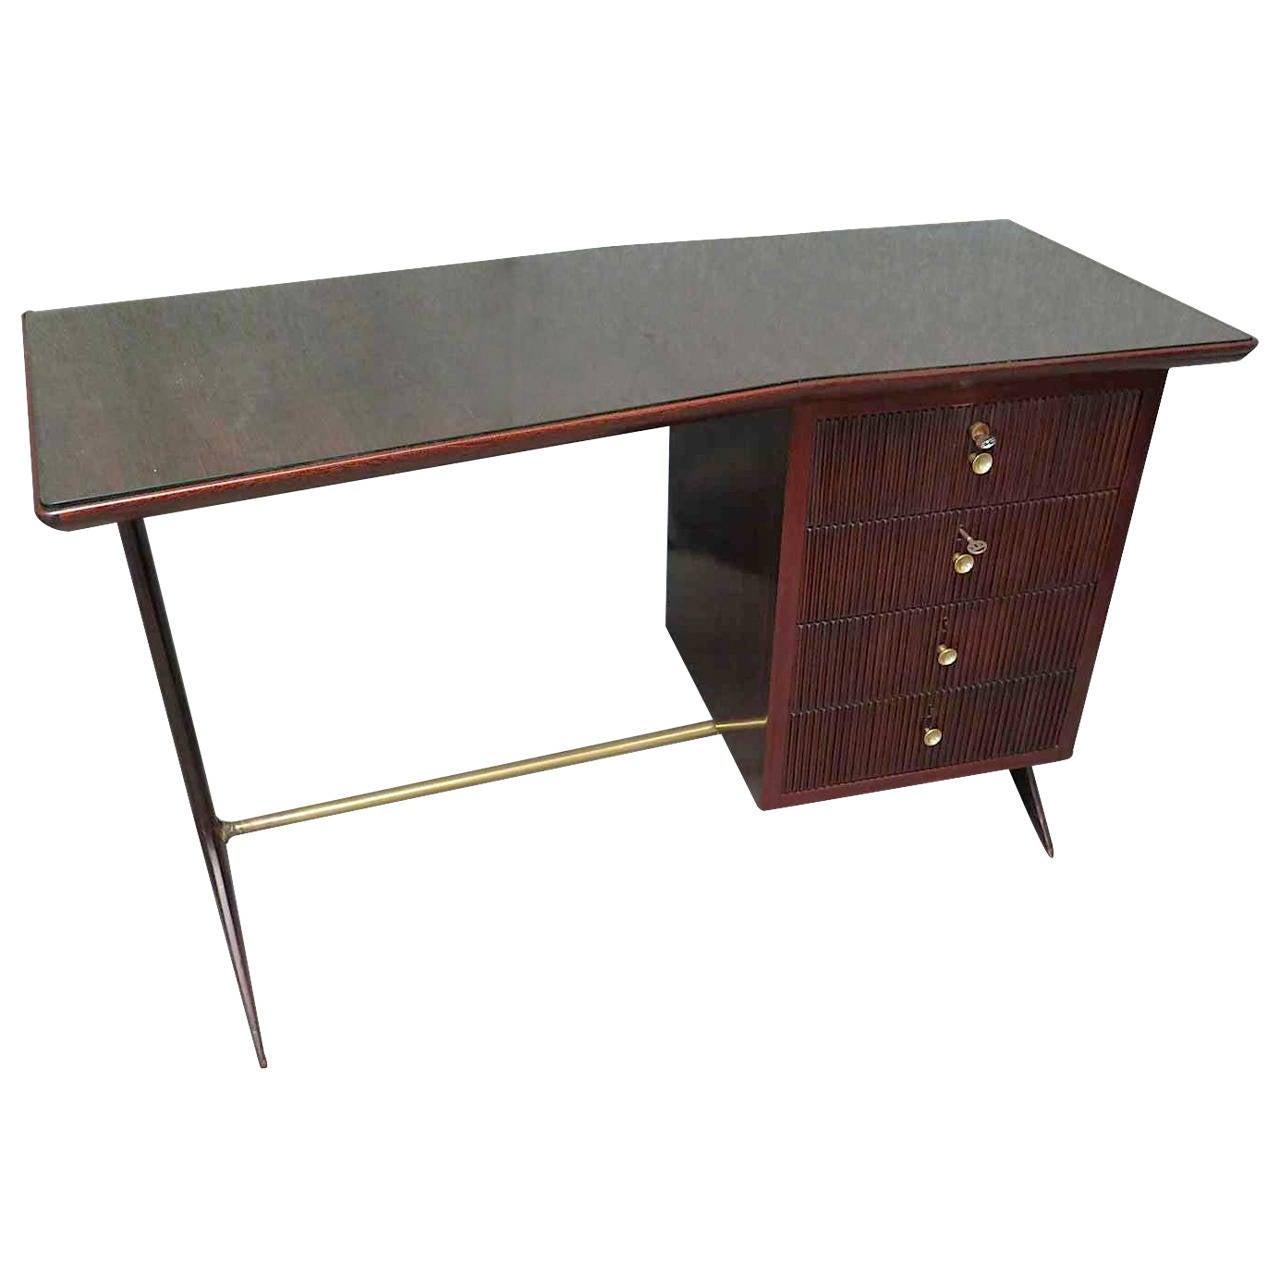 Ico Parisi 1950 Square Midcentury Writing Tables